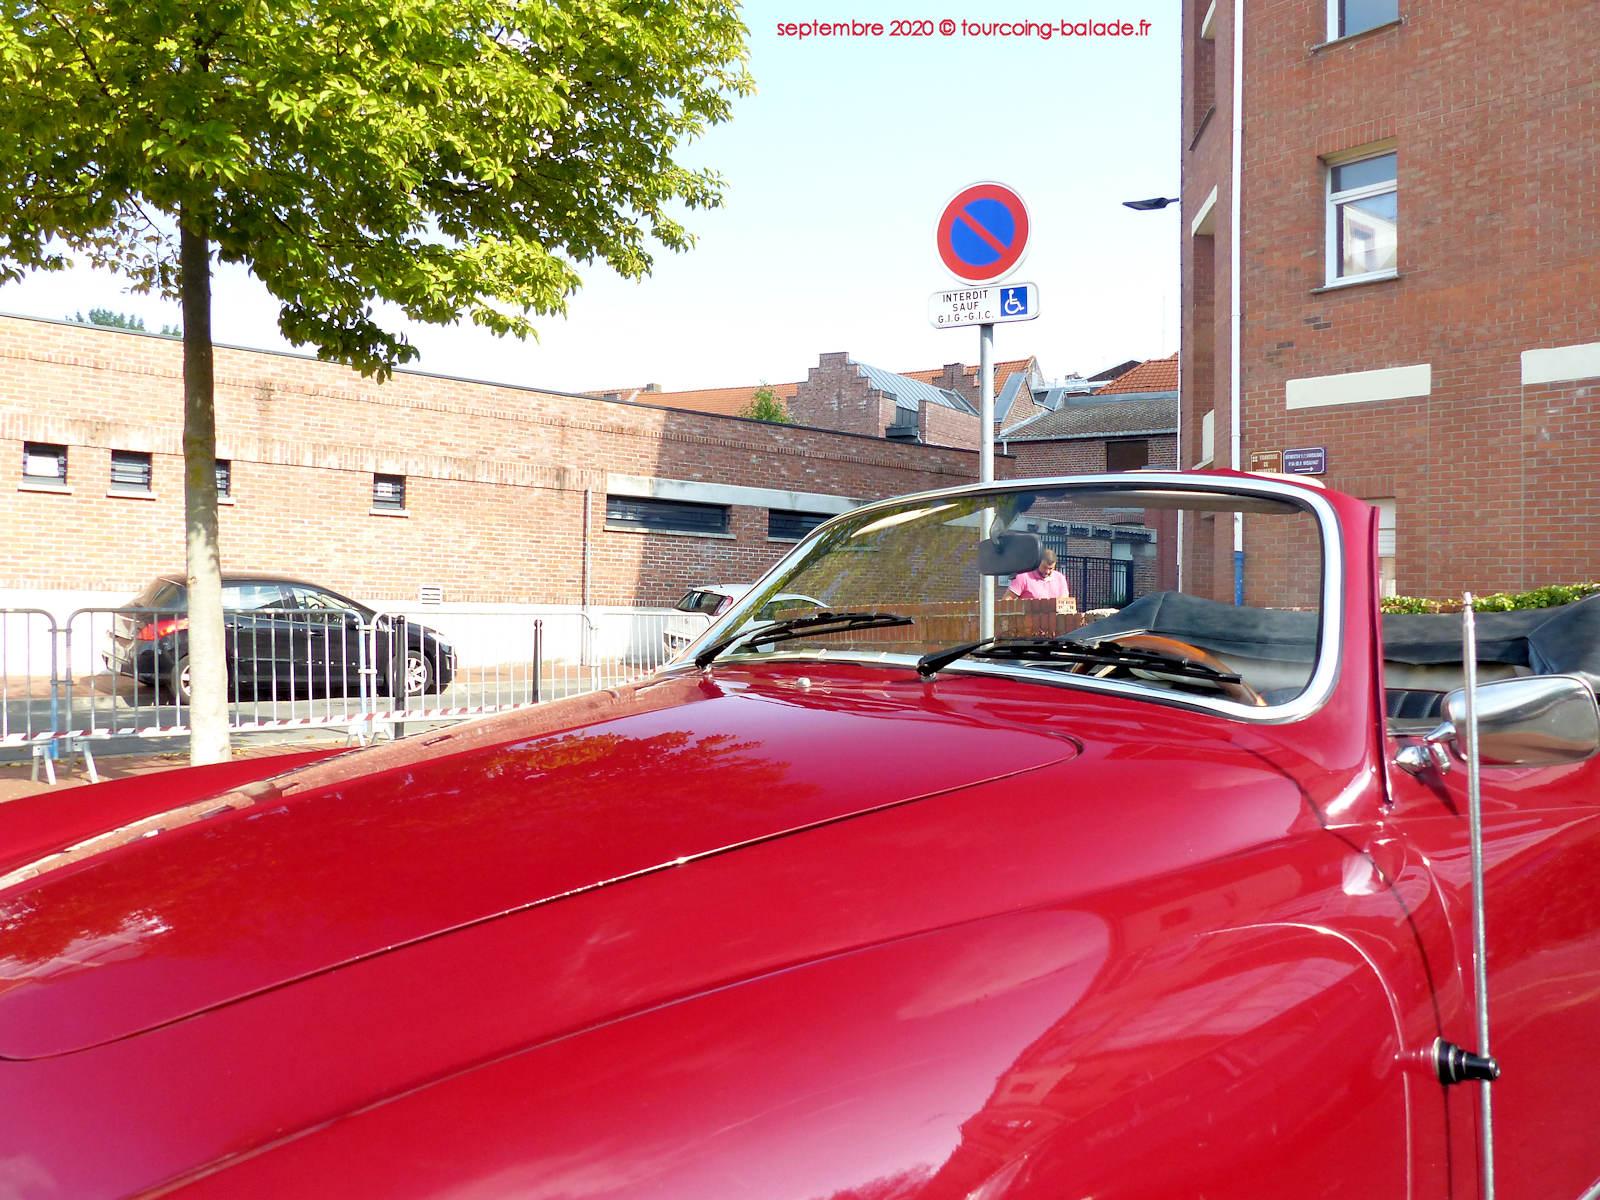 Capot VW Karmann Ghia, Tourcoing 2020